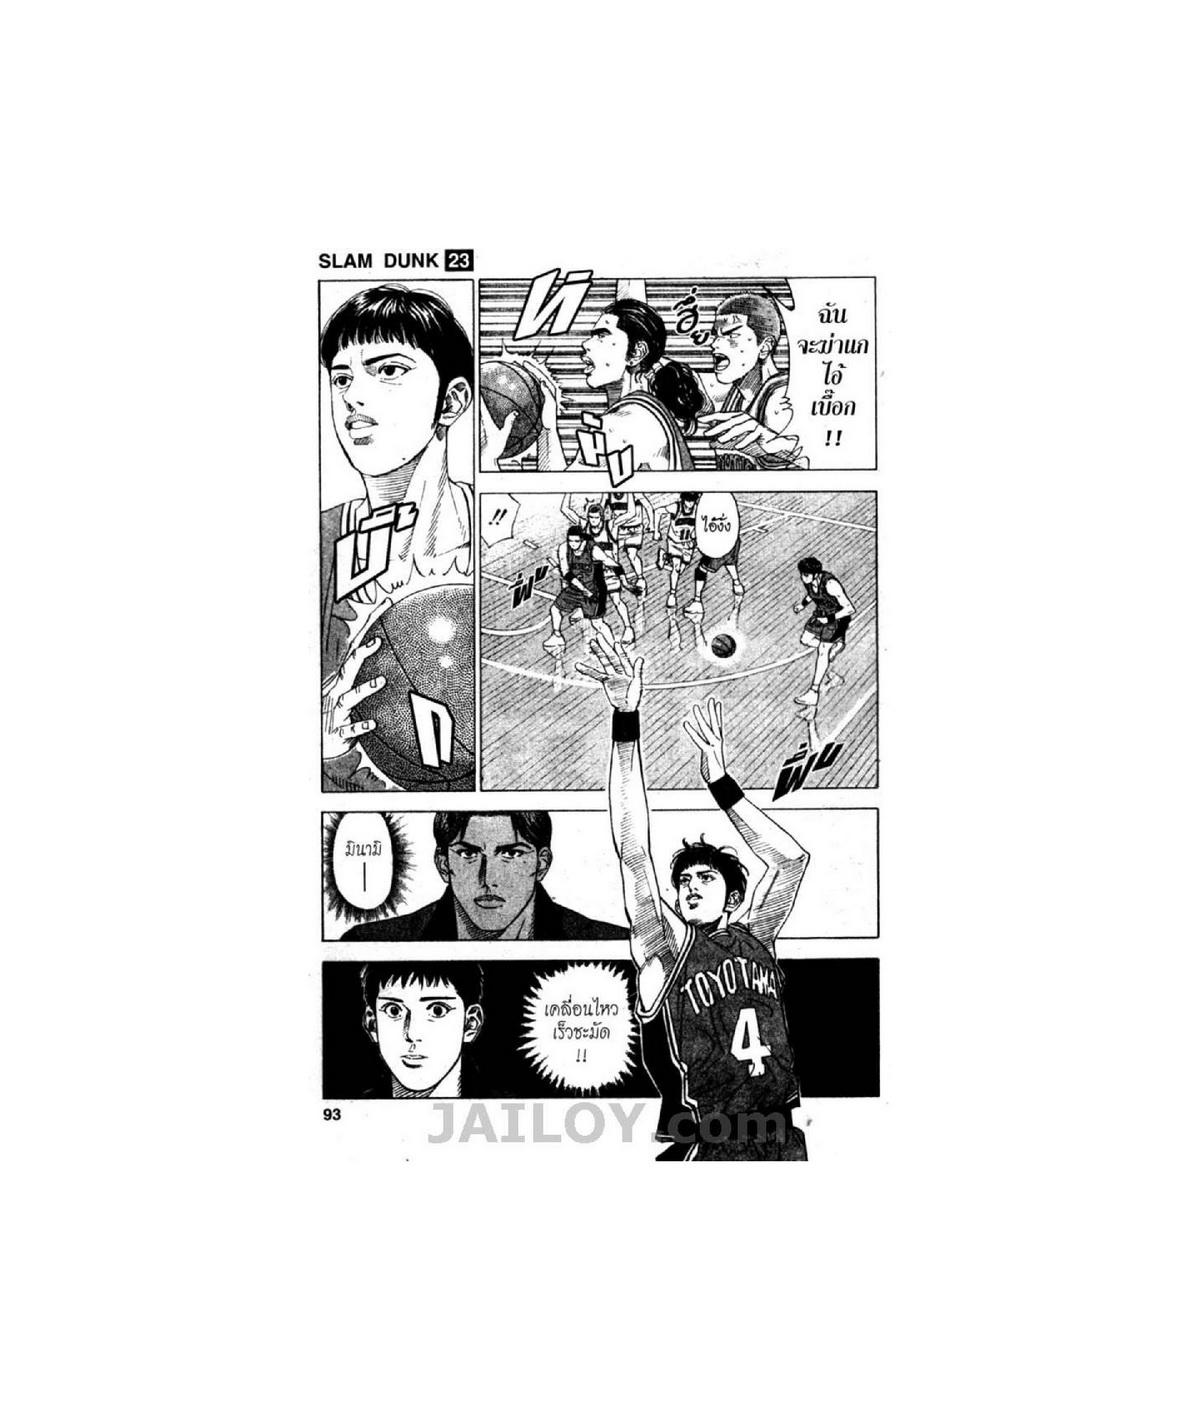 Slamdunk สแลมดังก์ เล่มที่ 23 TH แปลไทย อ่านการ์ตูนออนไลน์